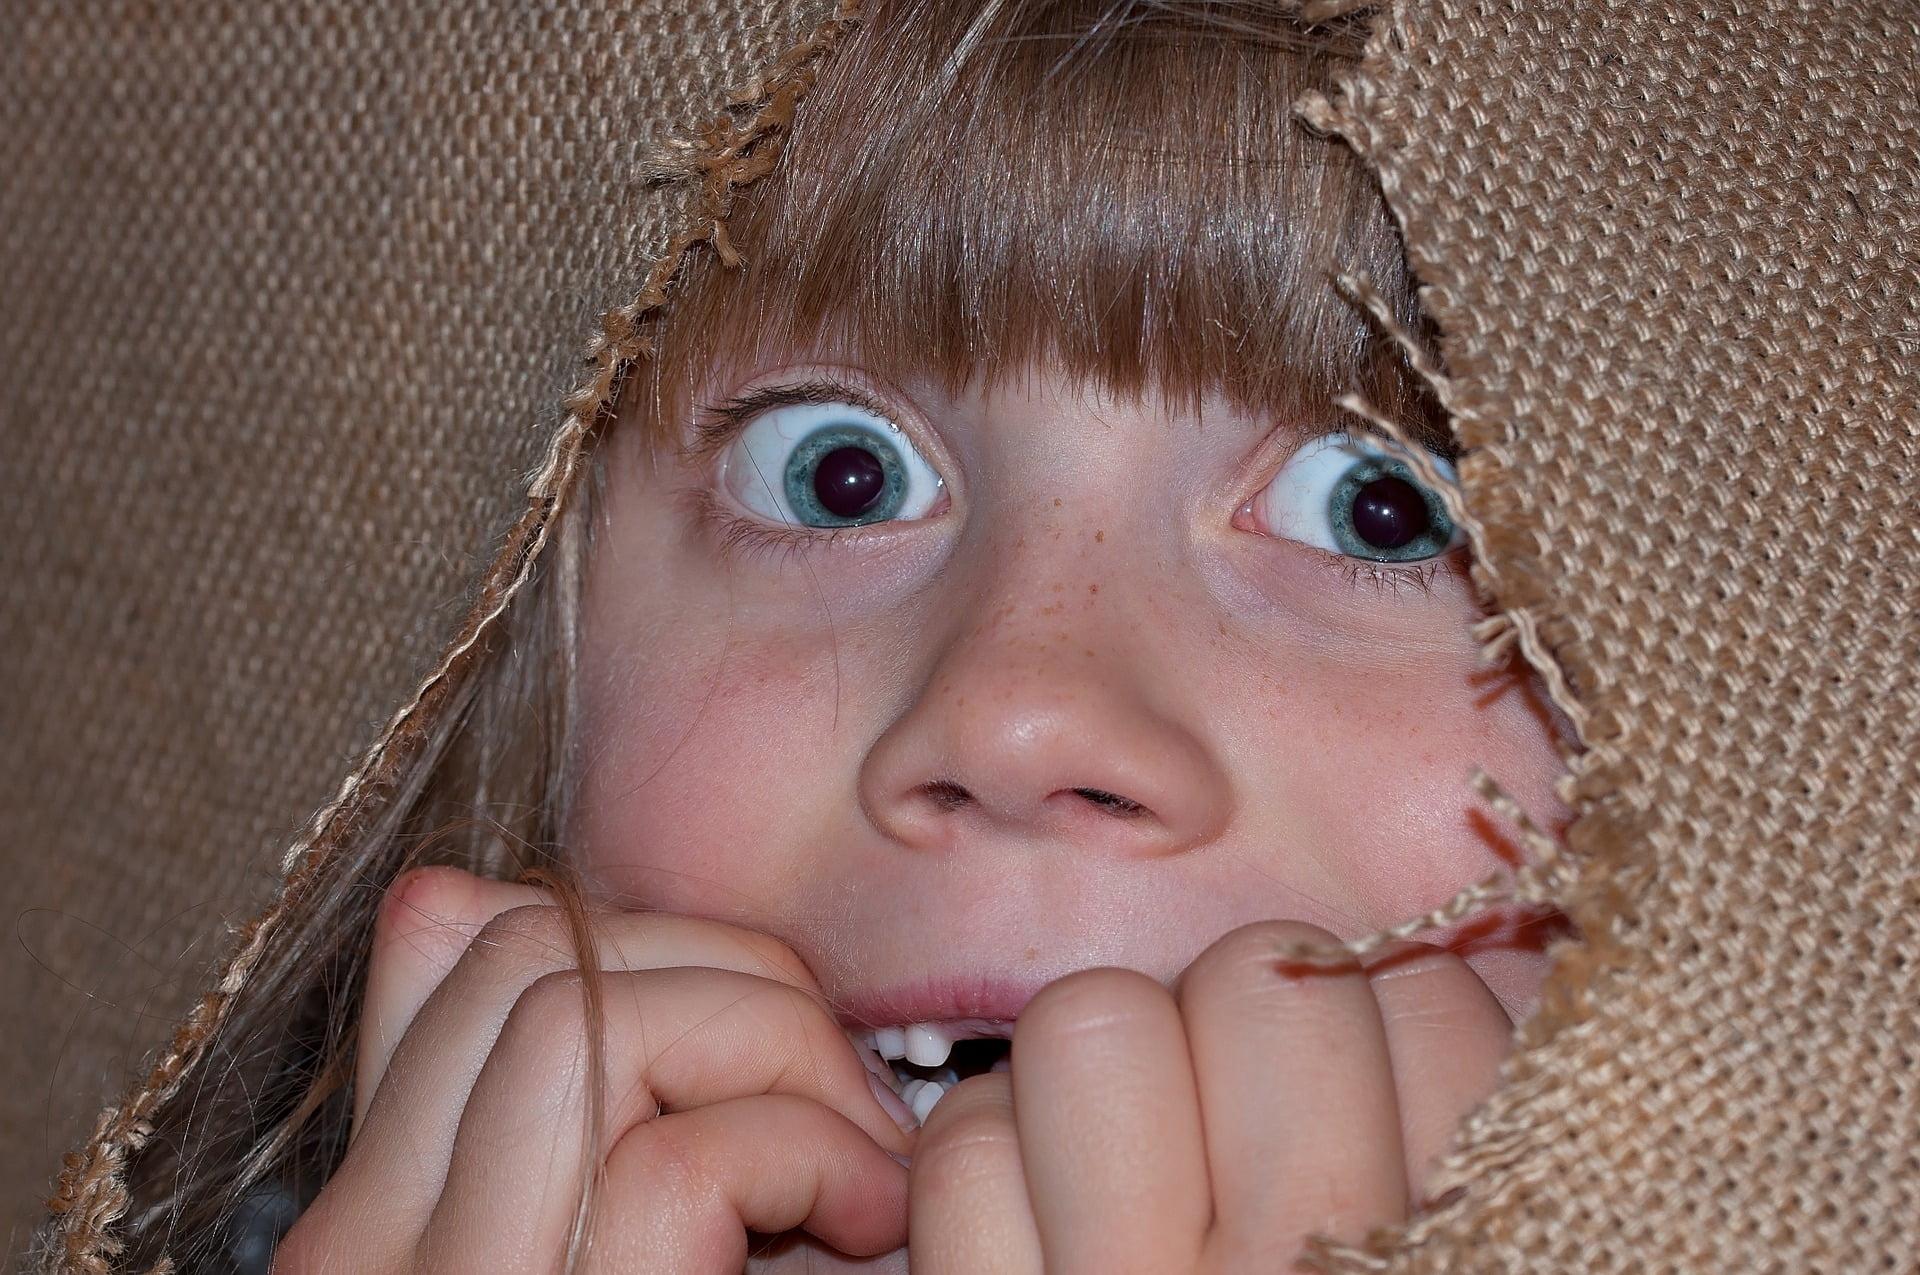 Poate nu știai, dar există suficient de multe tipuri de anxietate la copii.